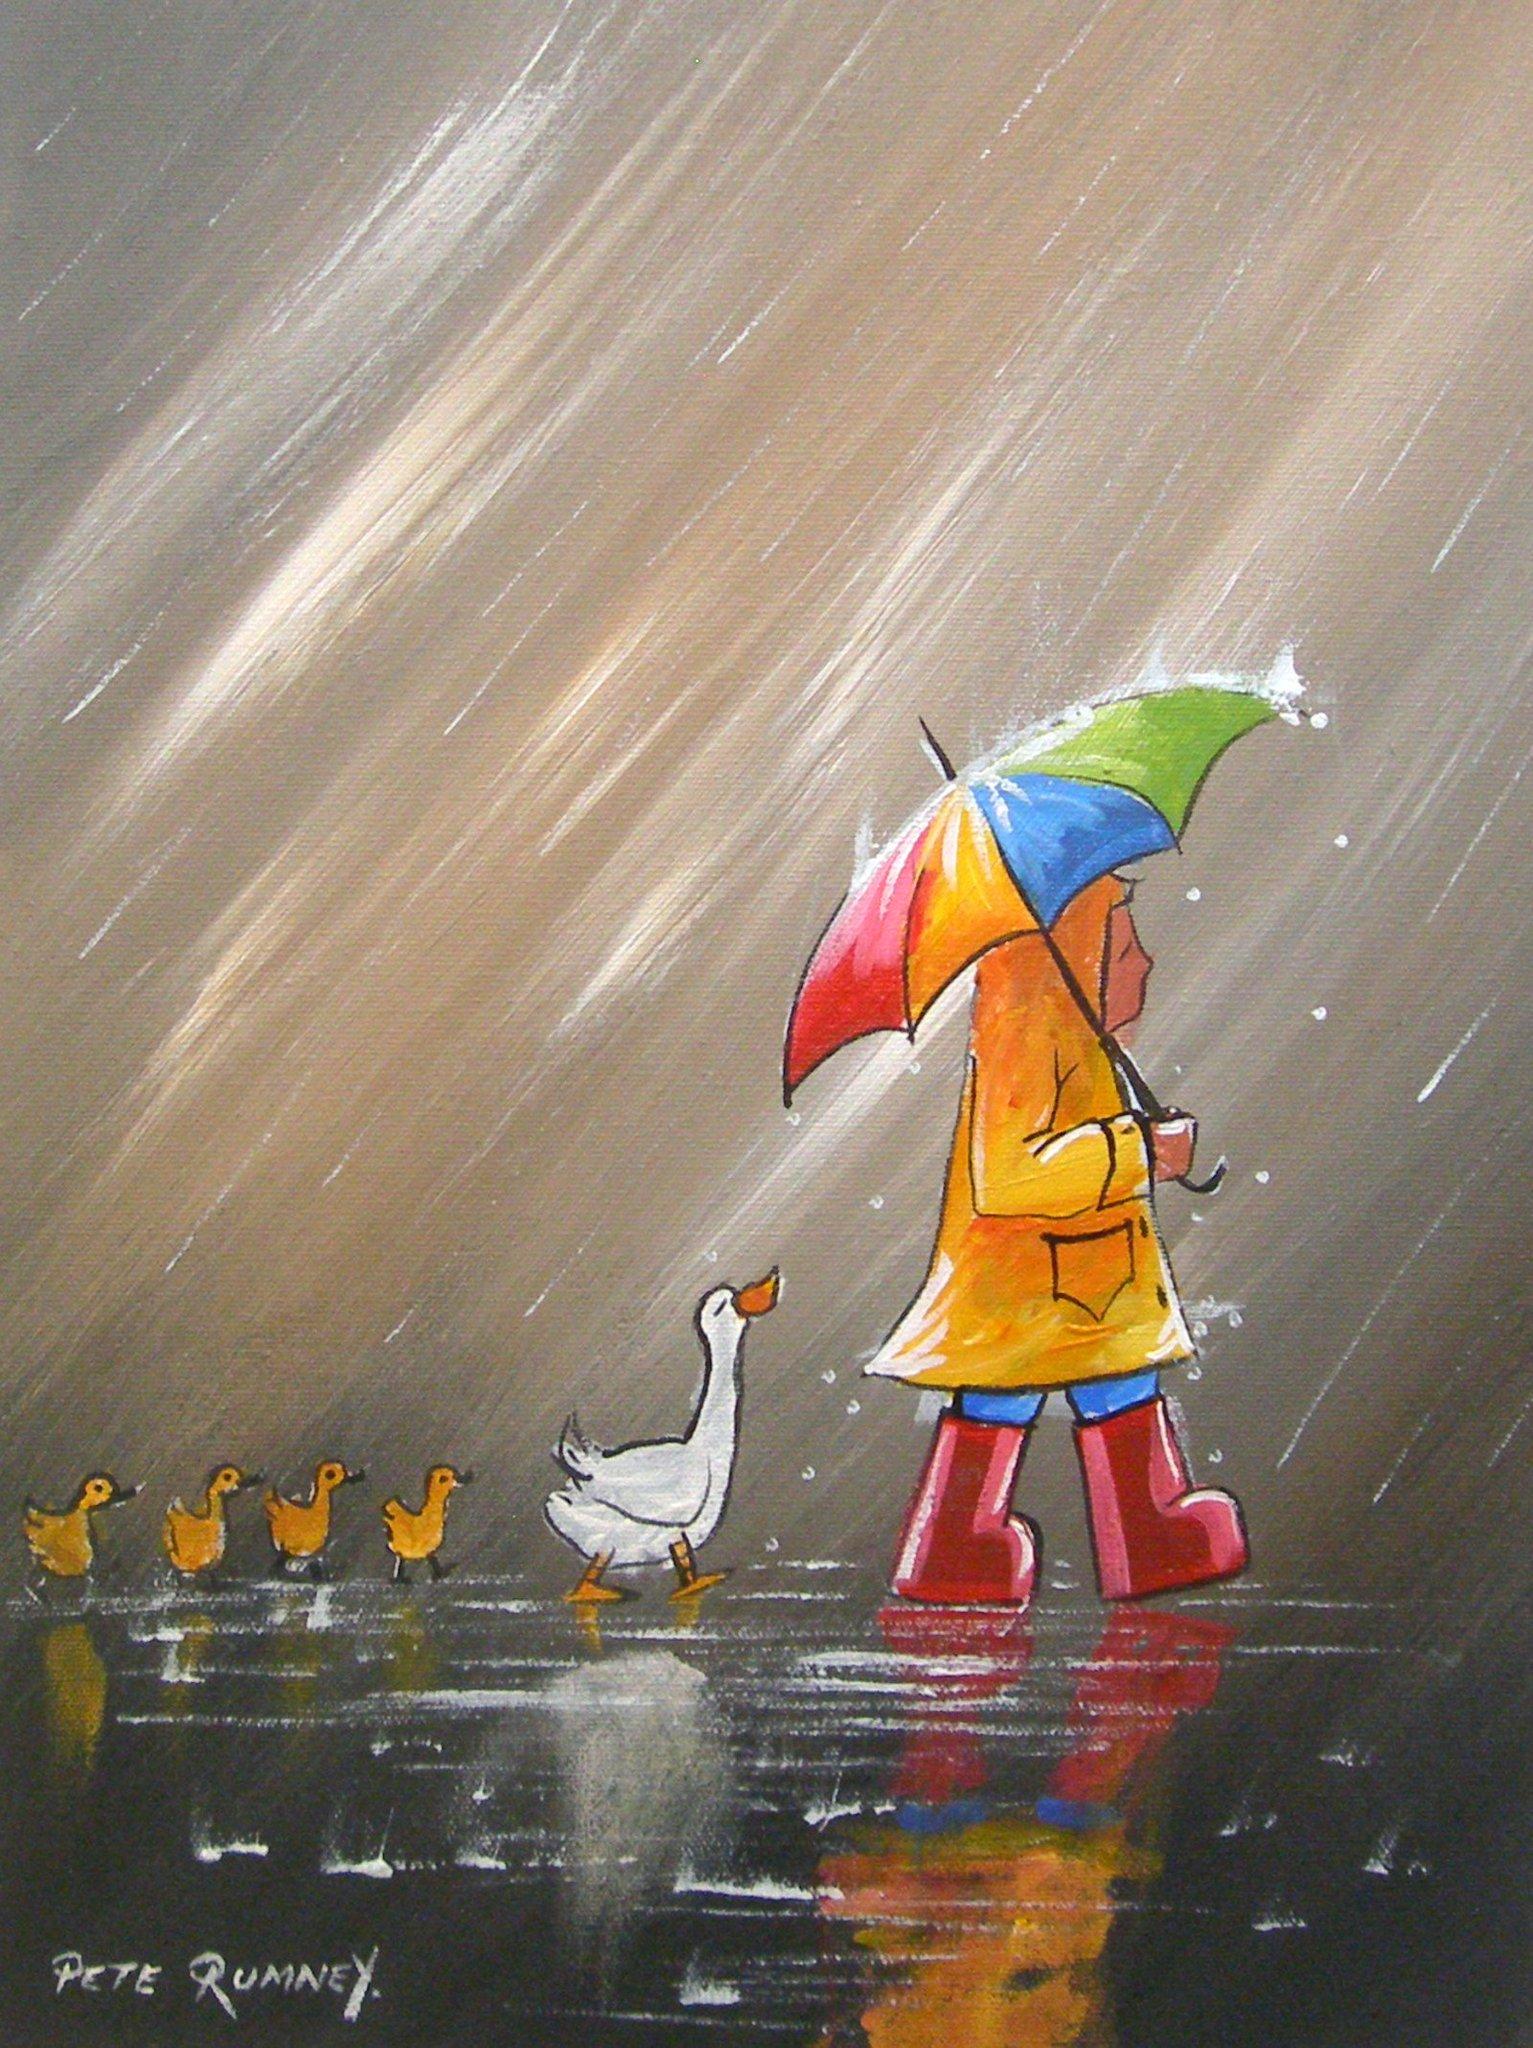 картинки про ненастную погоду французское болеро